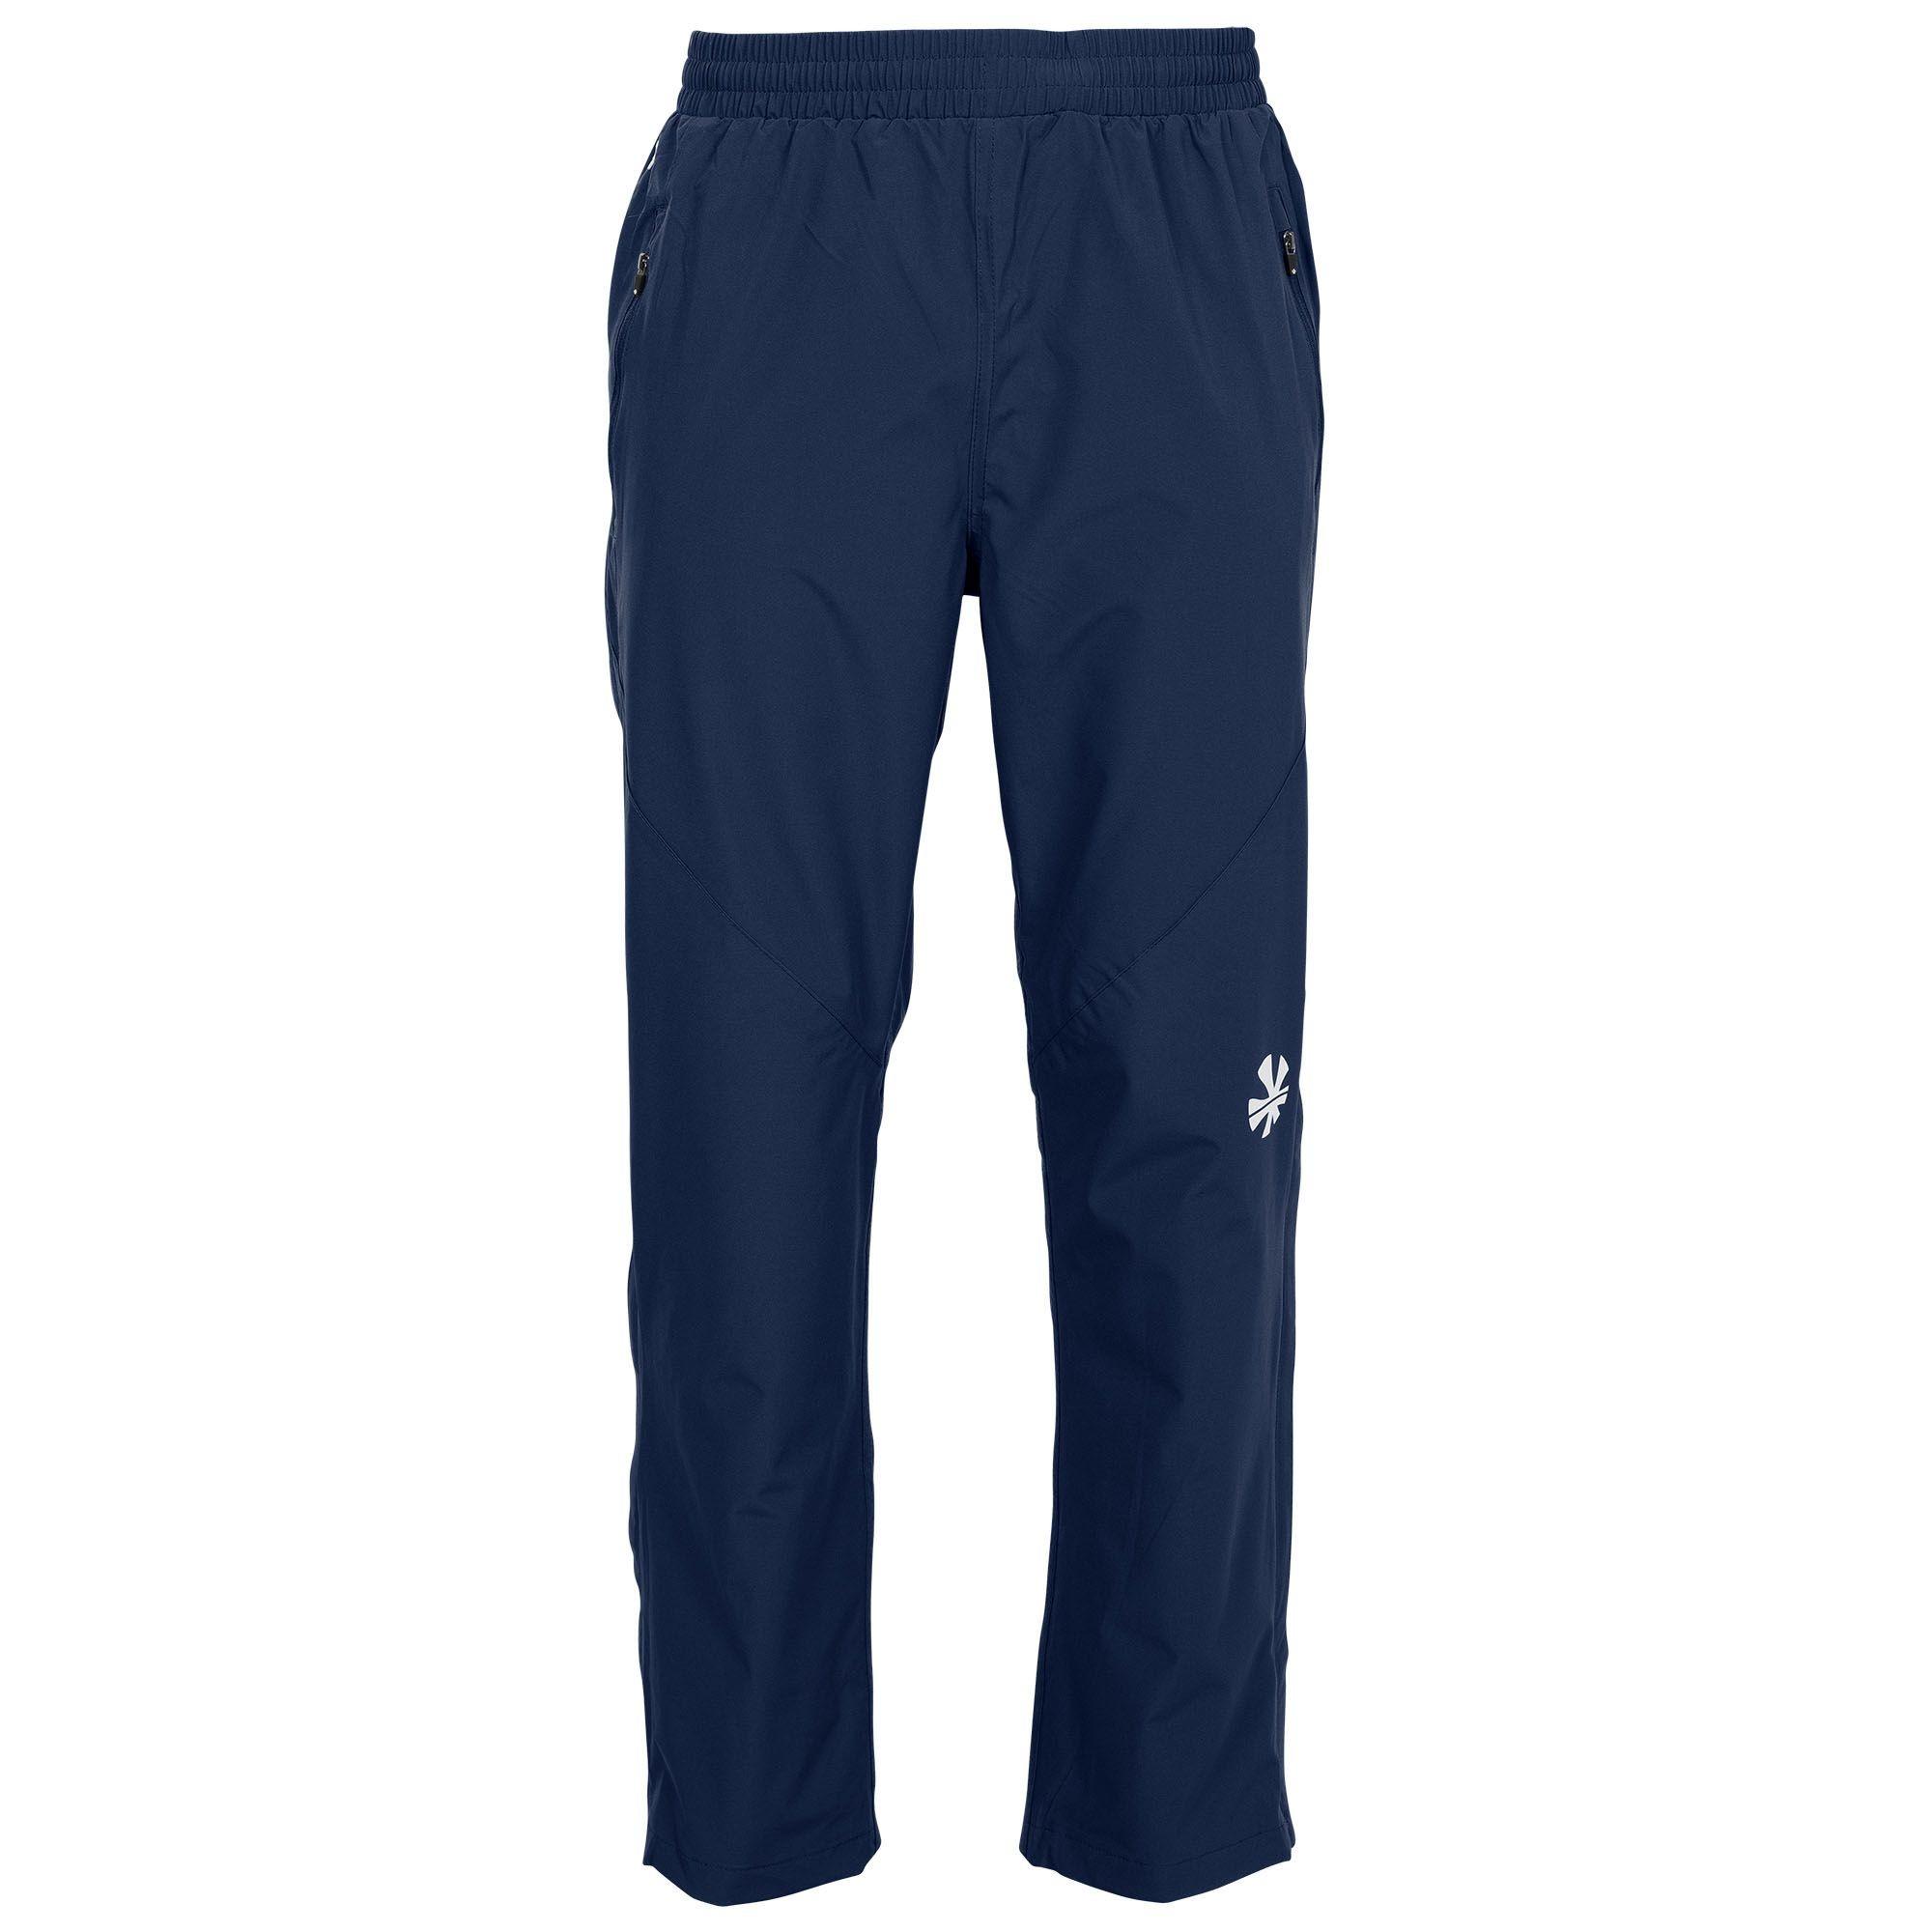 REECE AUSTRALIA VARSITY spodnie wielofunkcyjne męskie